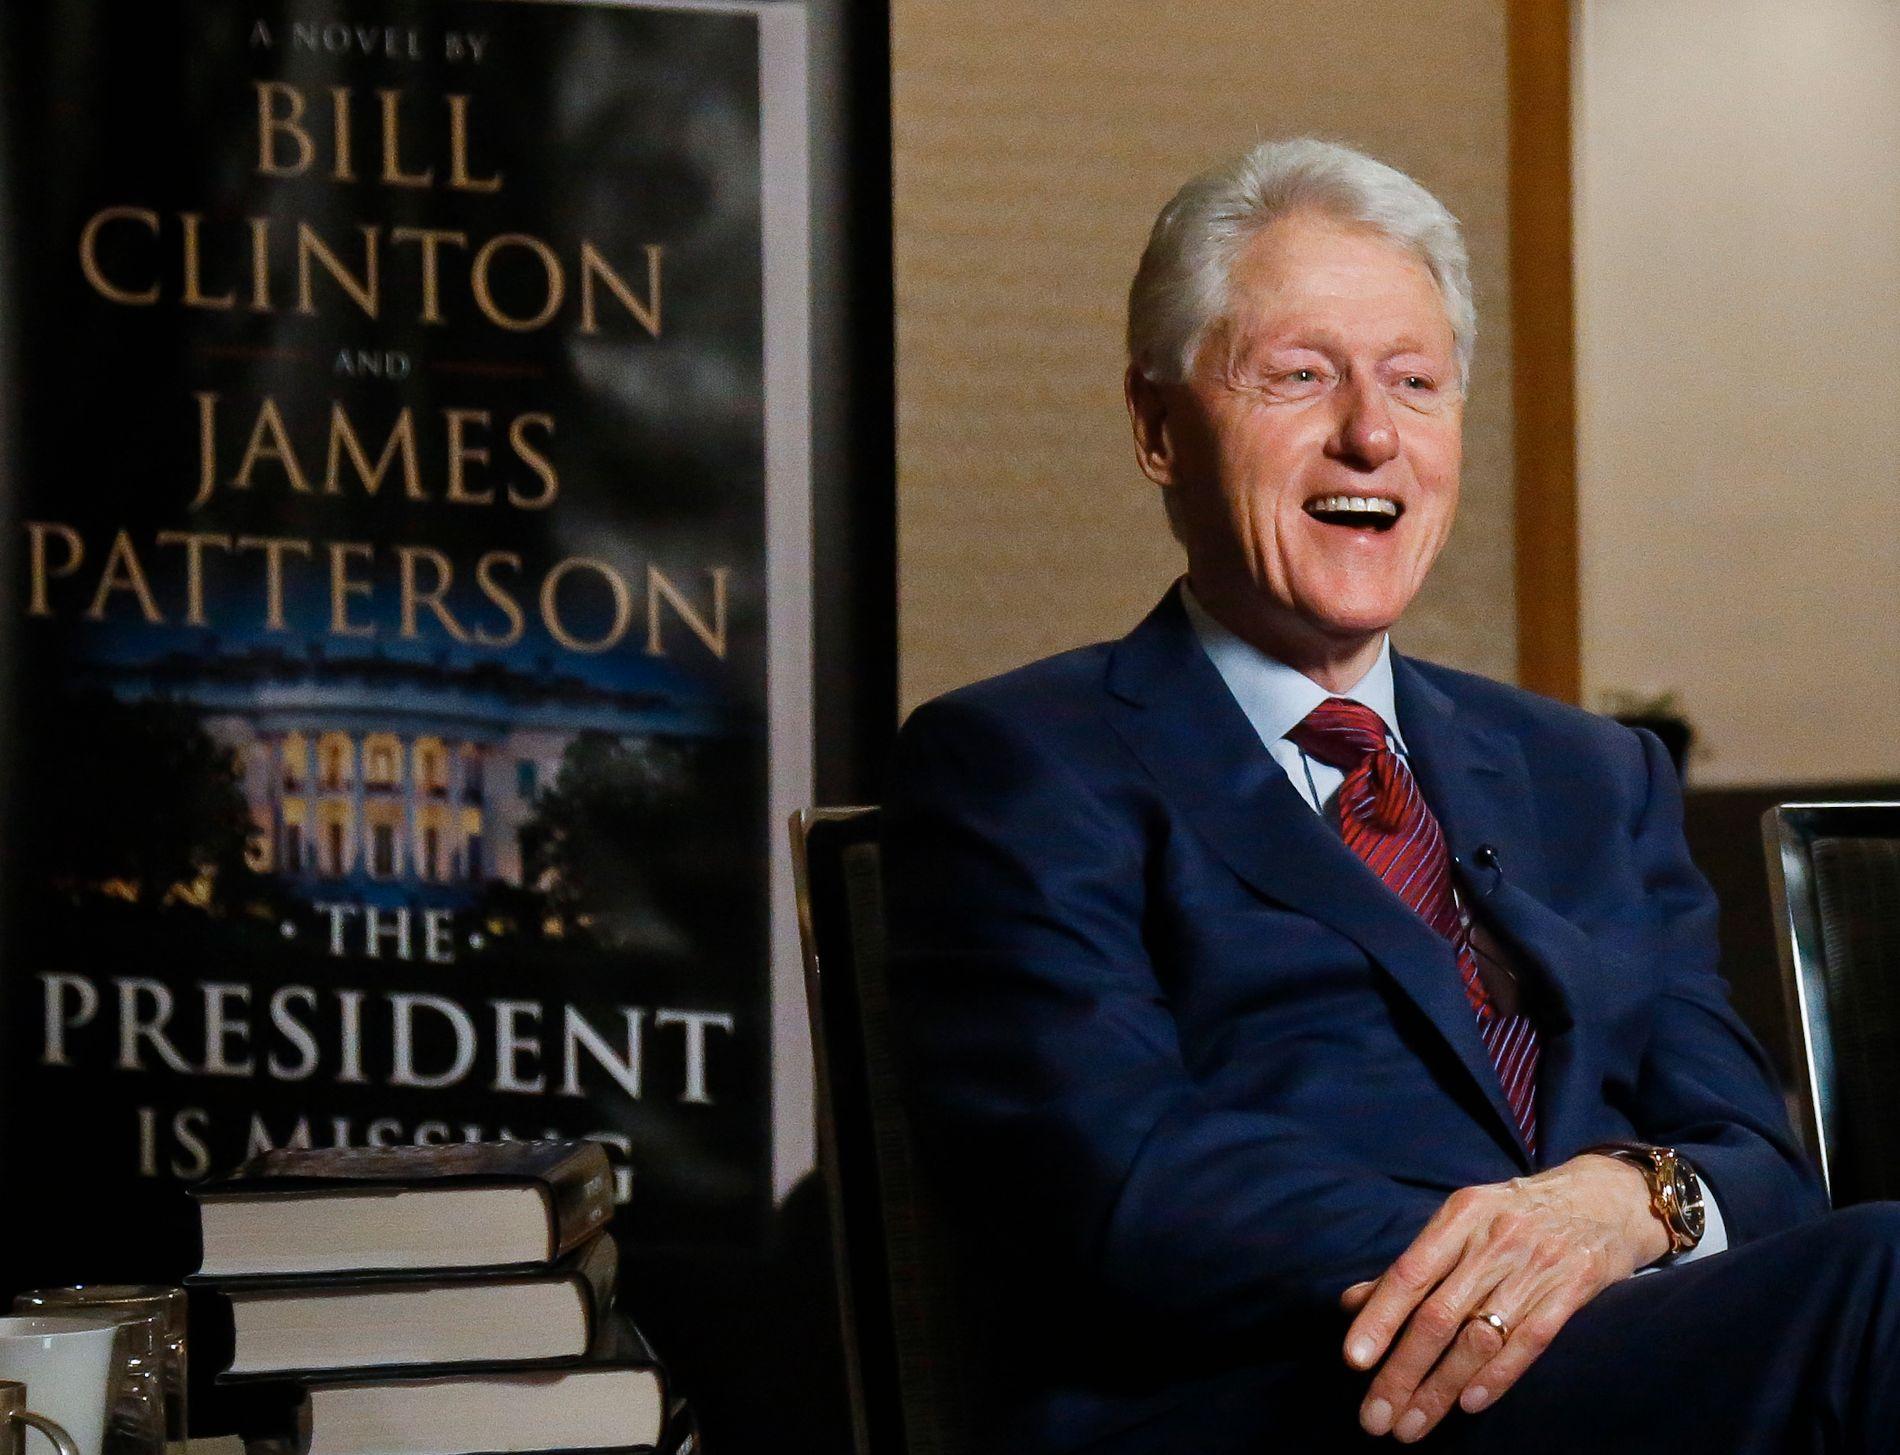 Bill Clinton var i godt humør da han og medforfatter James Patterson ble intervjuet i forbindelse med lanseringen av romanen «The President Is Missing». Foto: AP/NTB scanpix